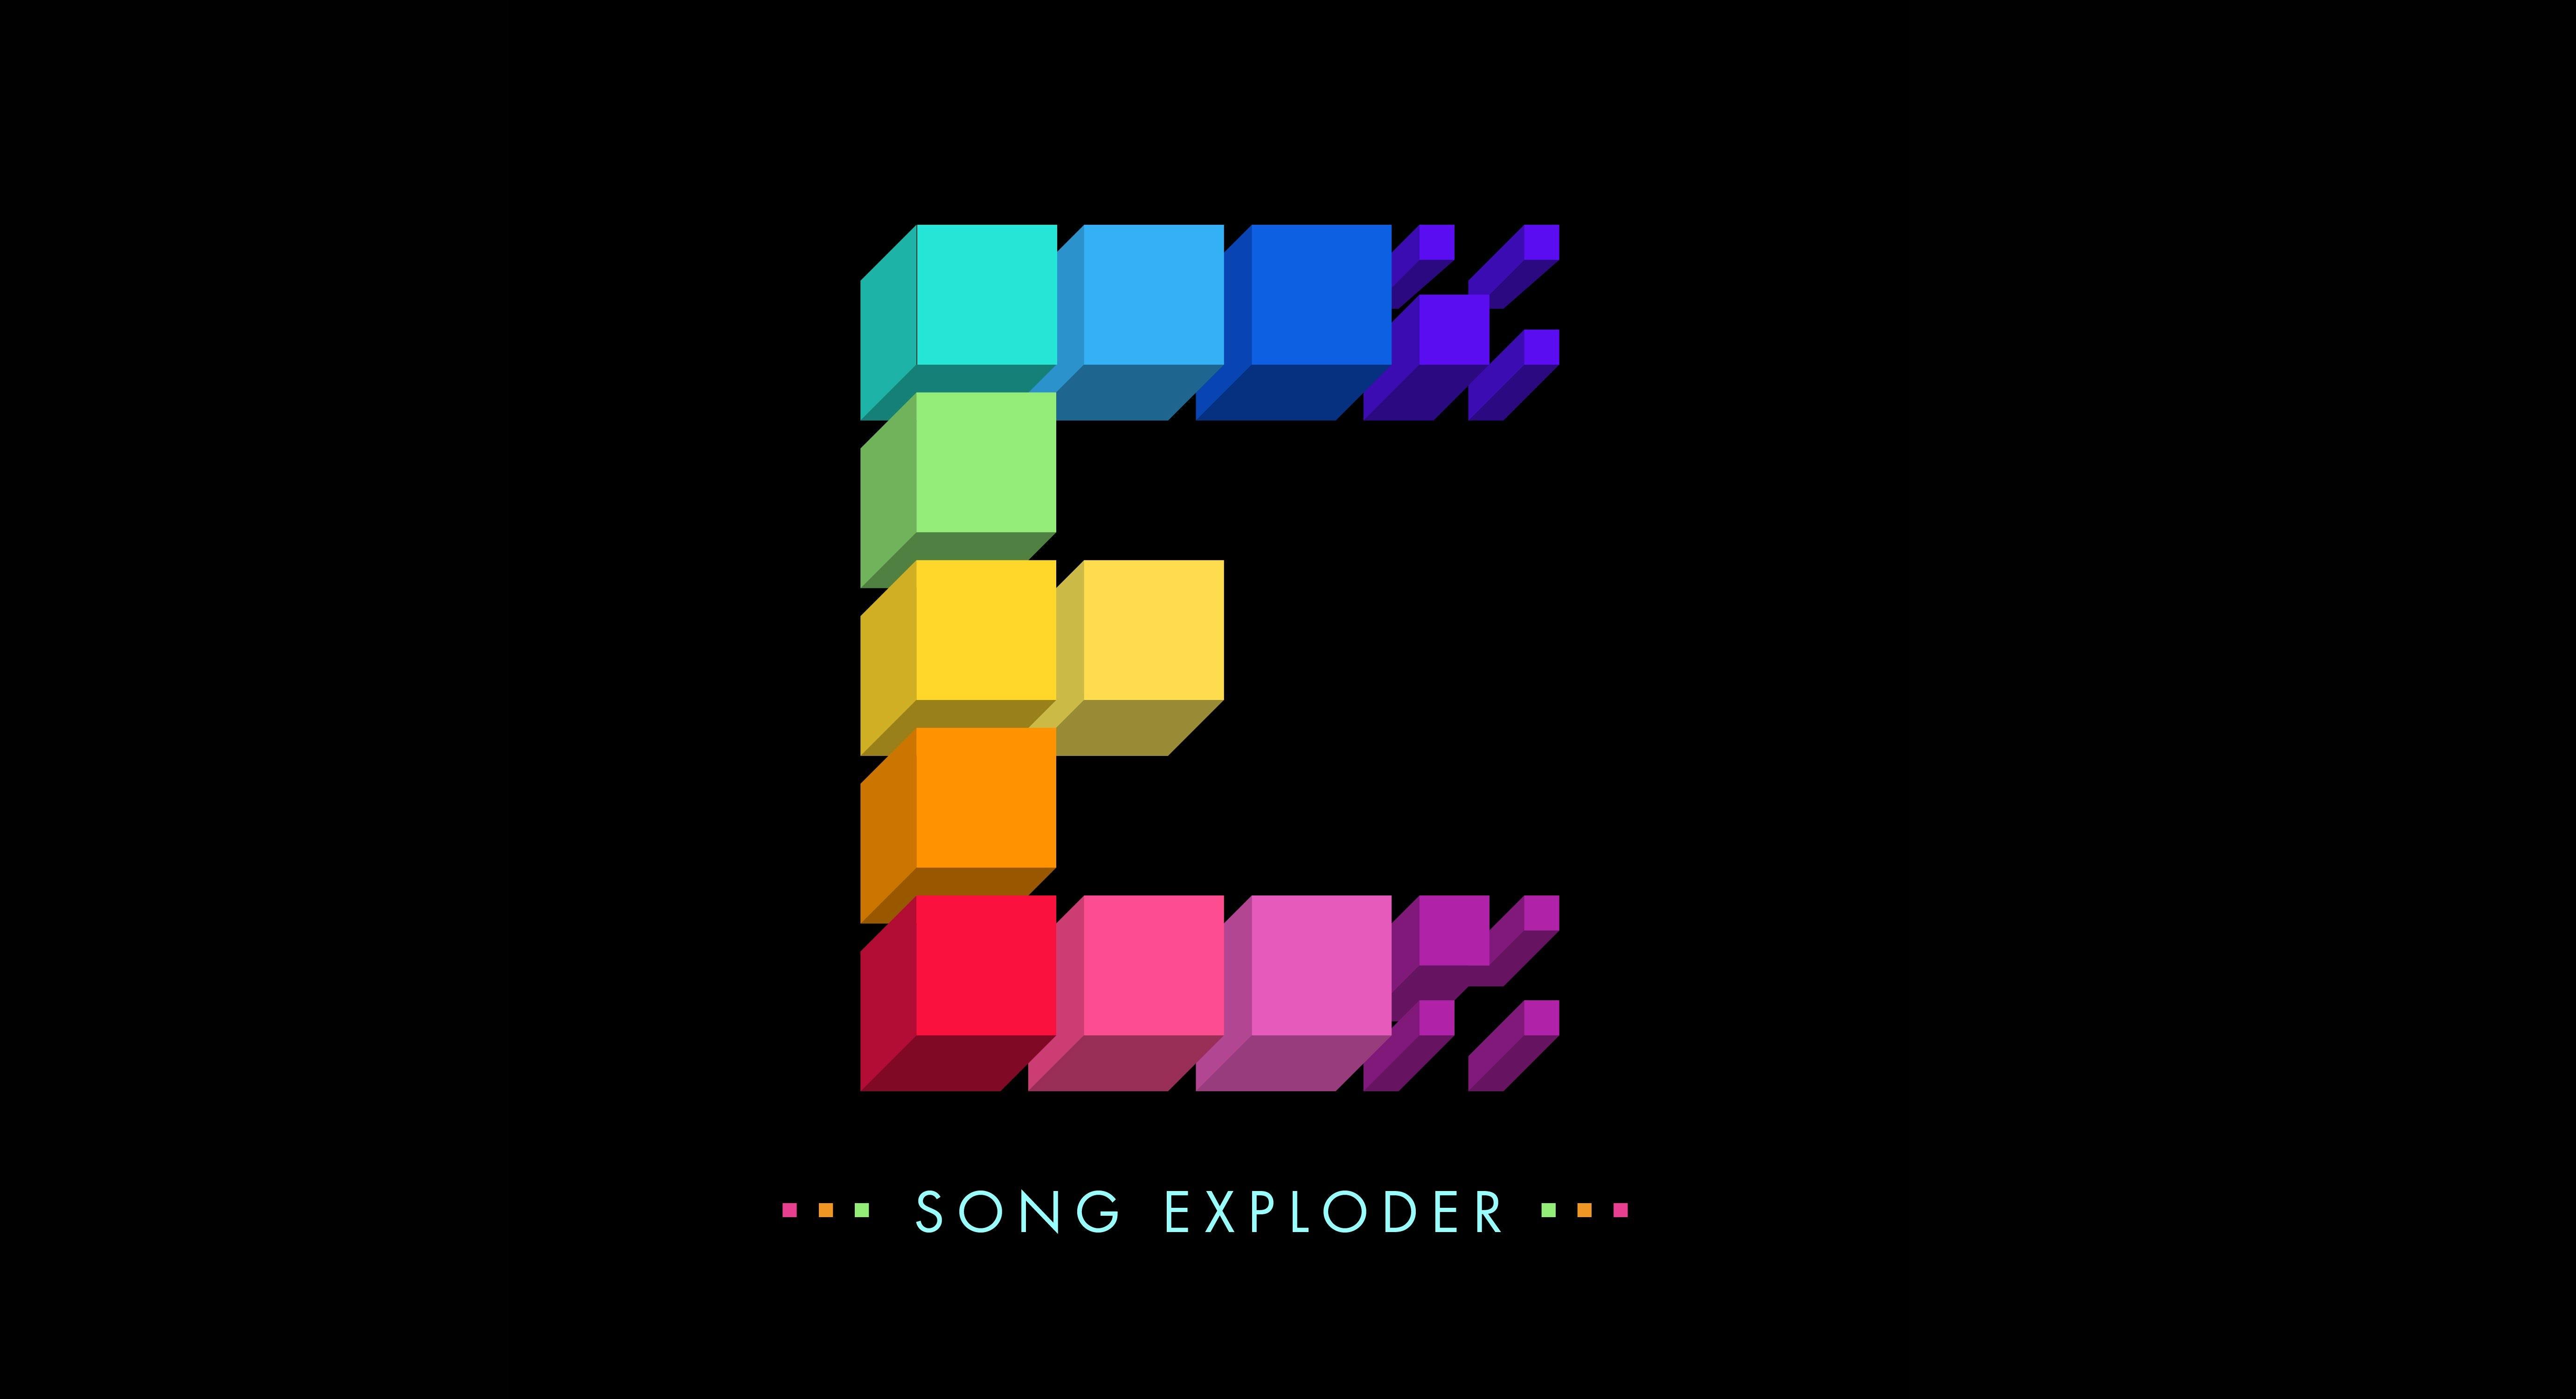 Song Exploder Logo better